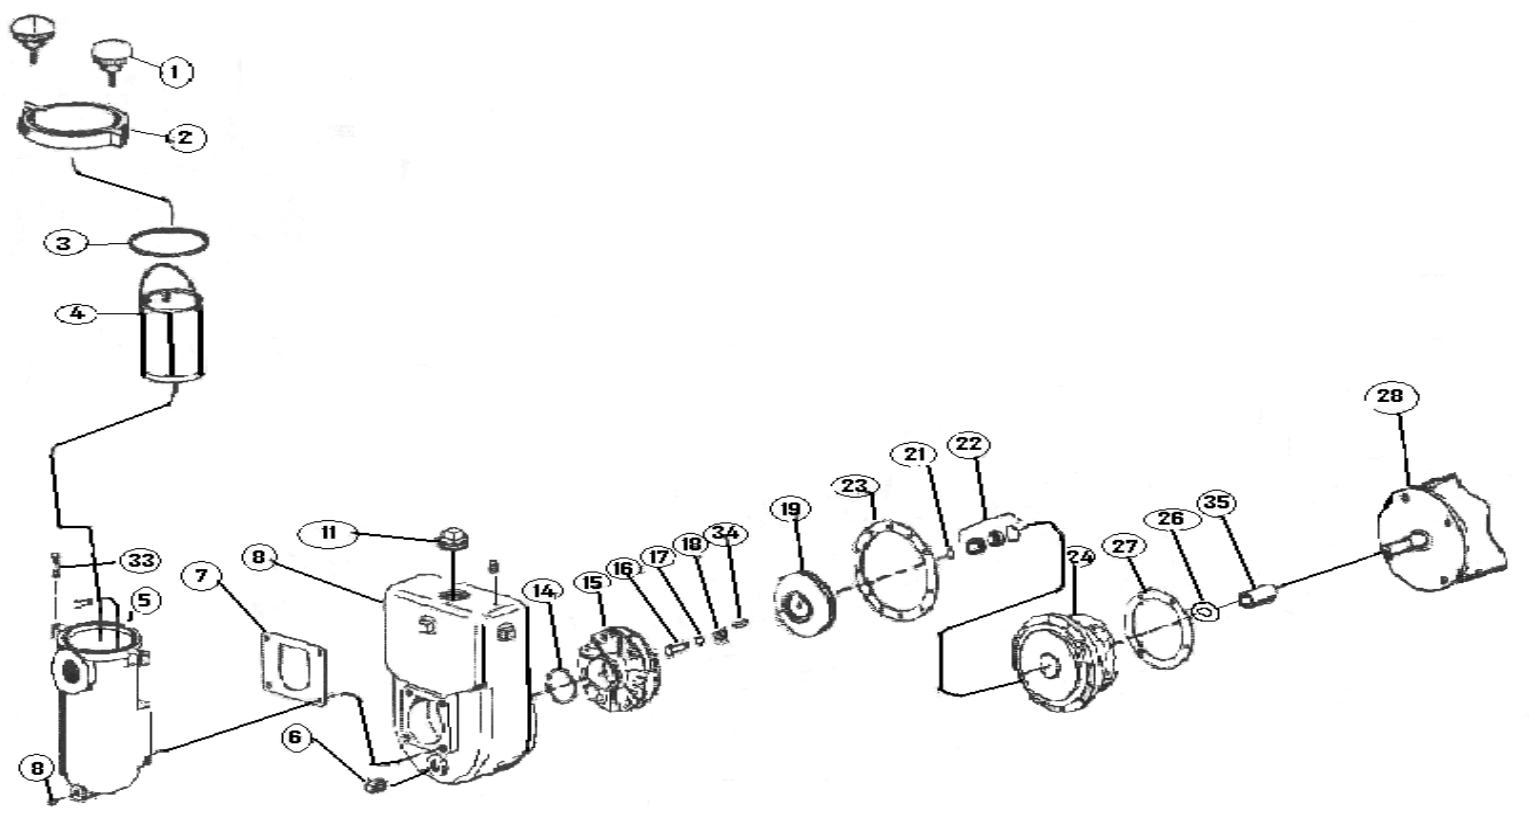 3B28 Parts